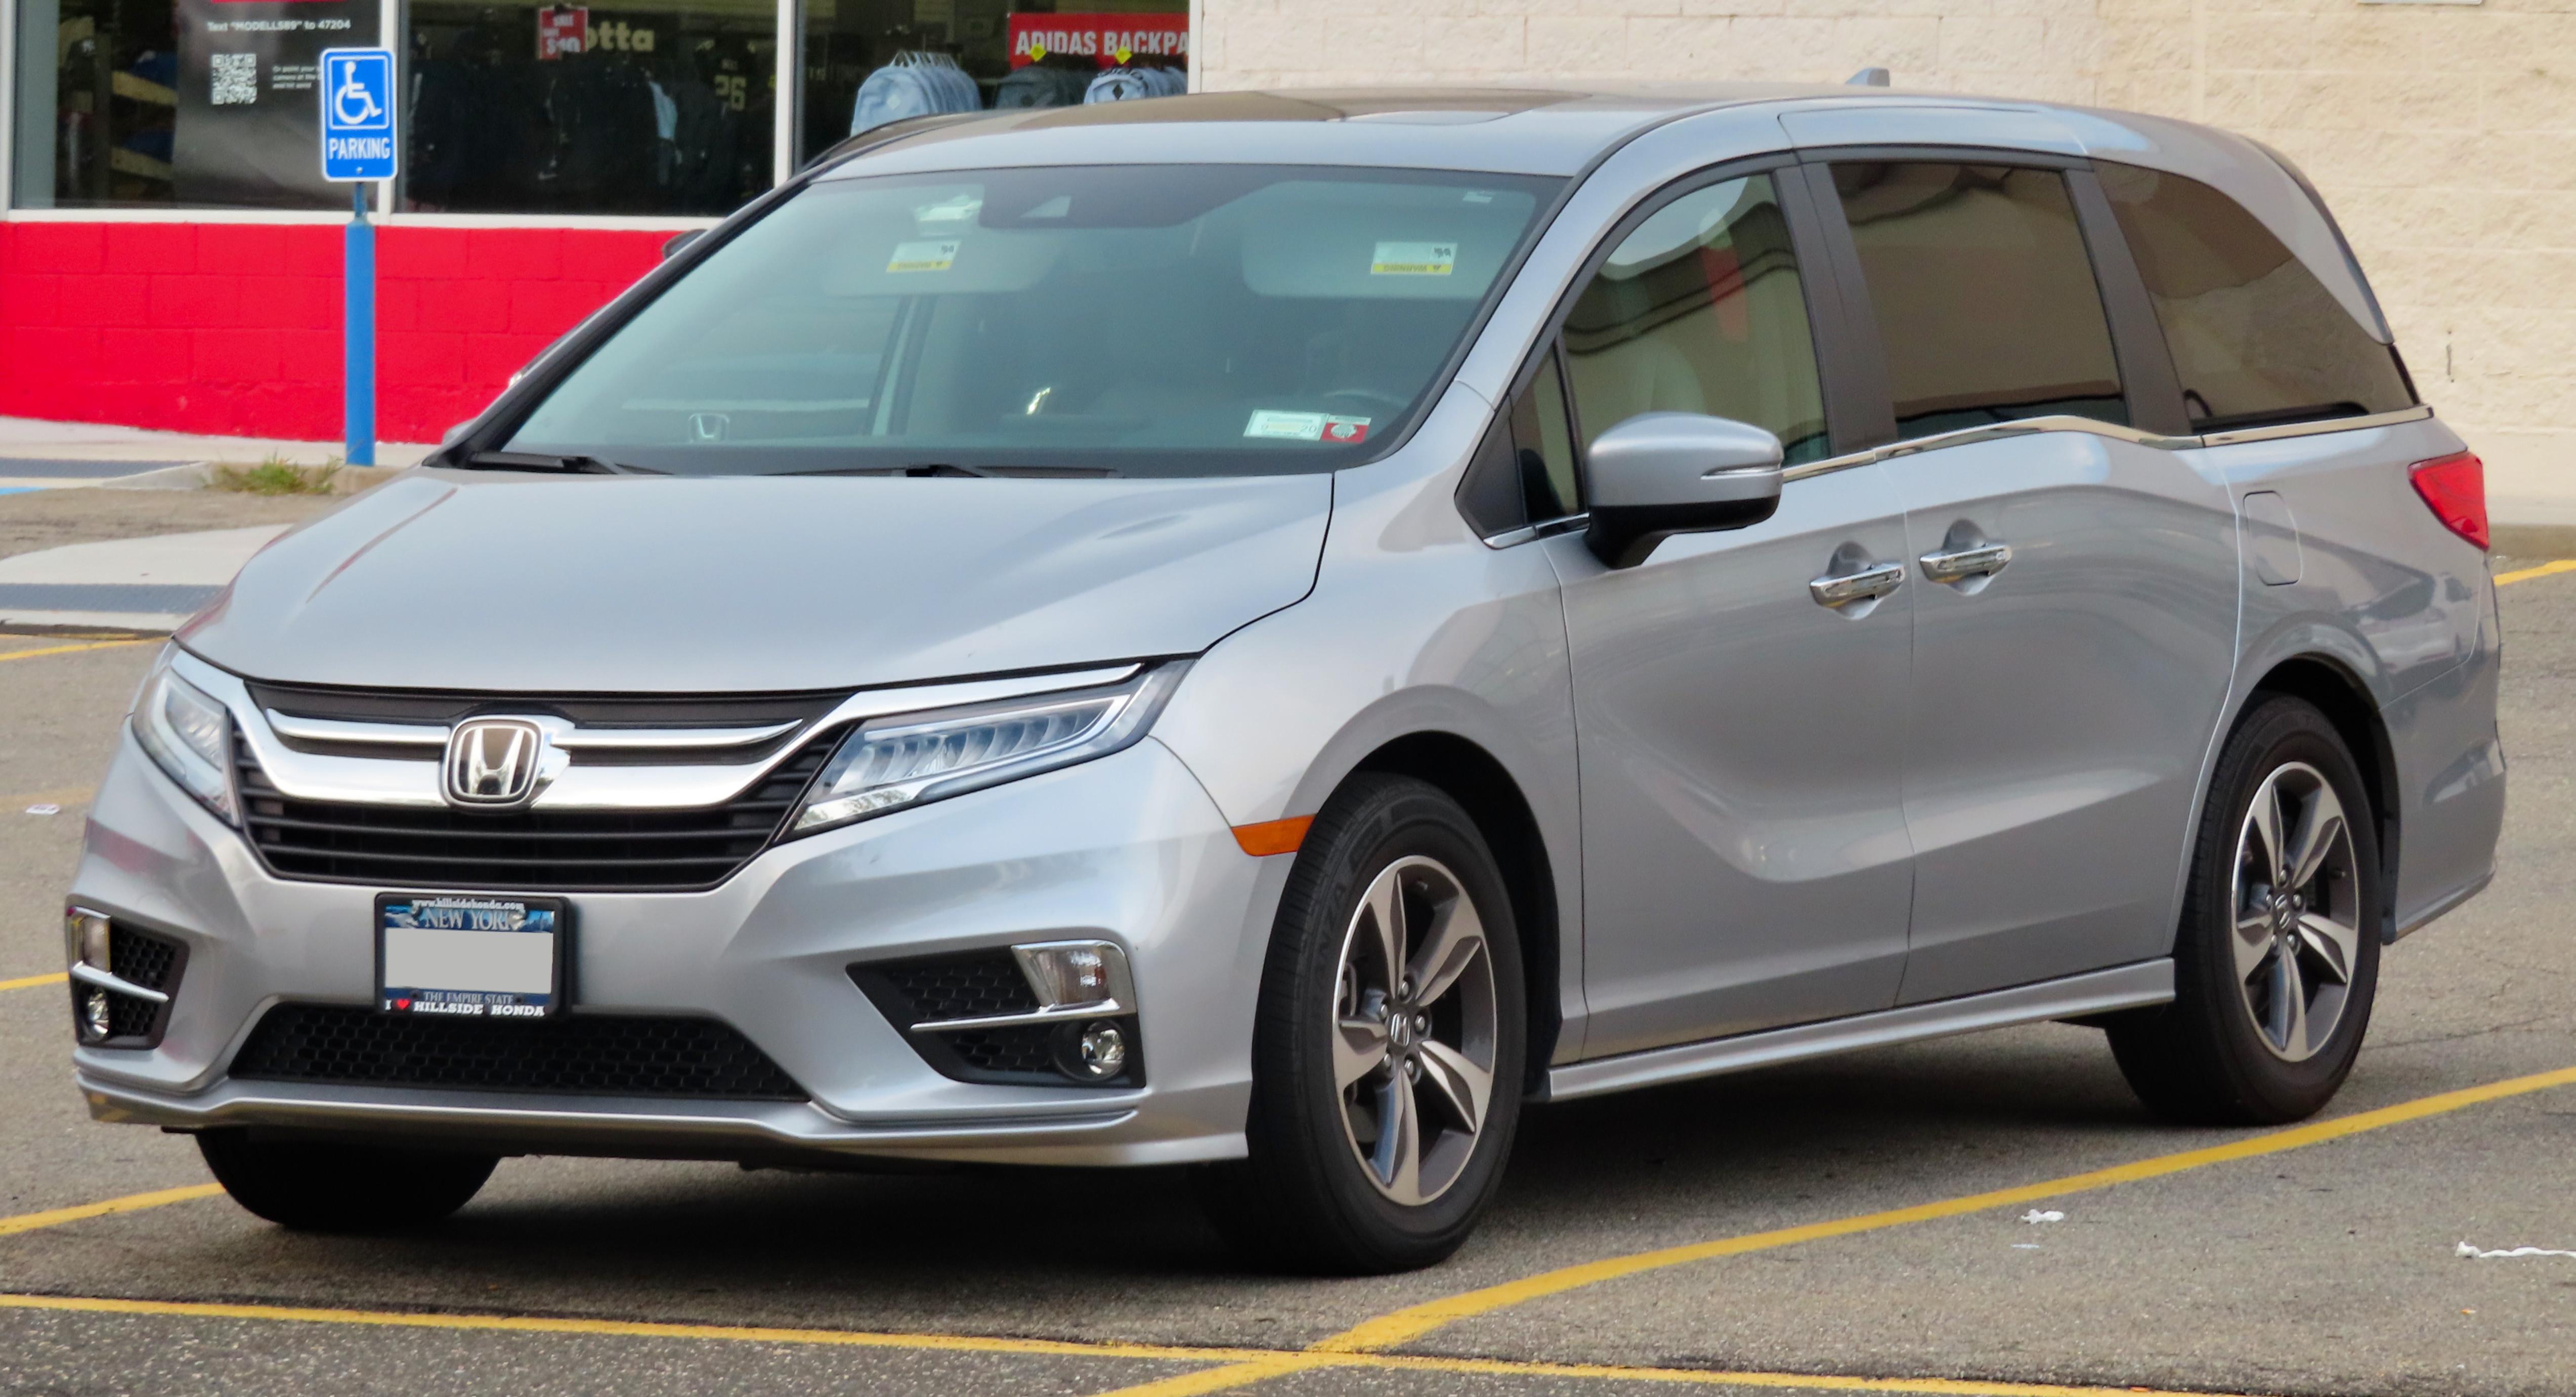 2001 Acura Tl 3 2 >> Honda Odyssey North America Wikipedia